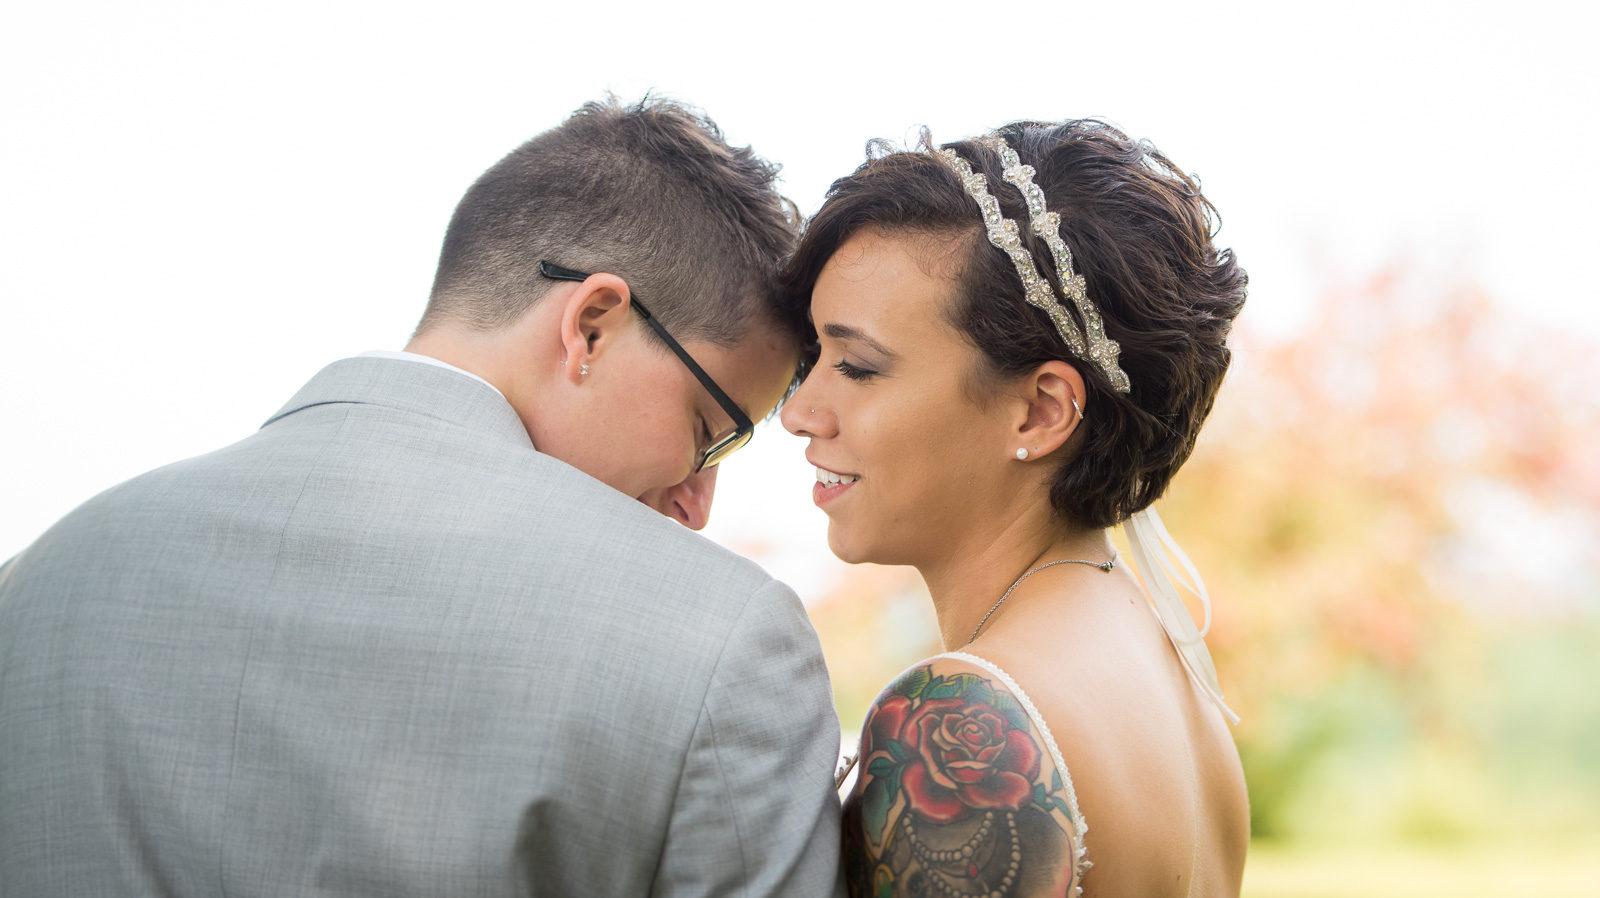 Candid same sex wedding photos